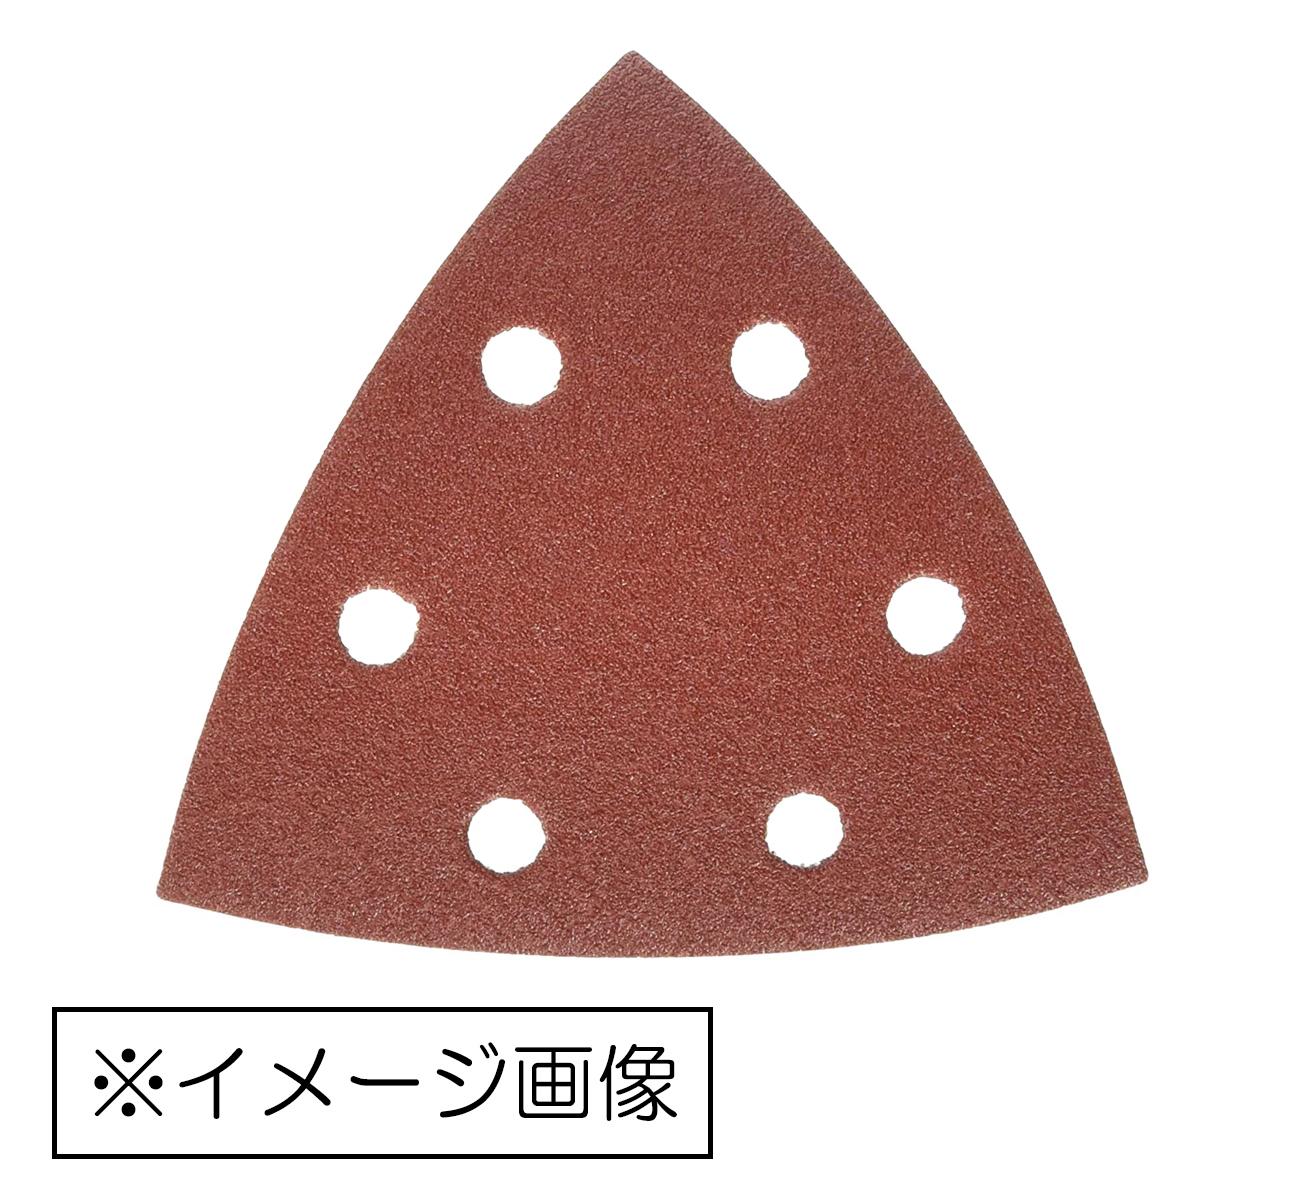 マキタ 商品 マジックサンディングペーパー プレゼント 木工用 #120 中仕上 吸塵穴付 96×96mm A-53615 マジックファスナ式 三角タイプ